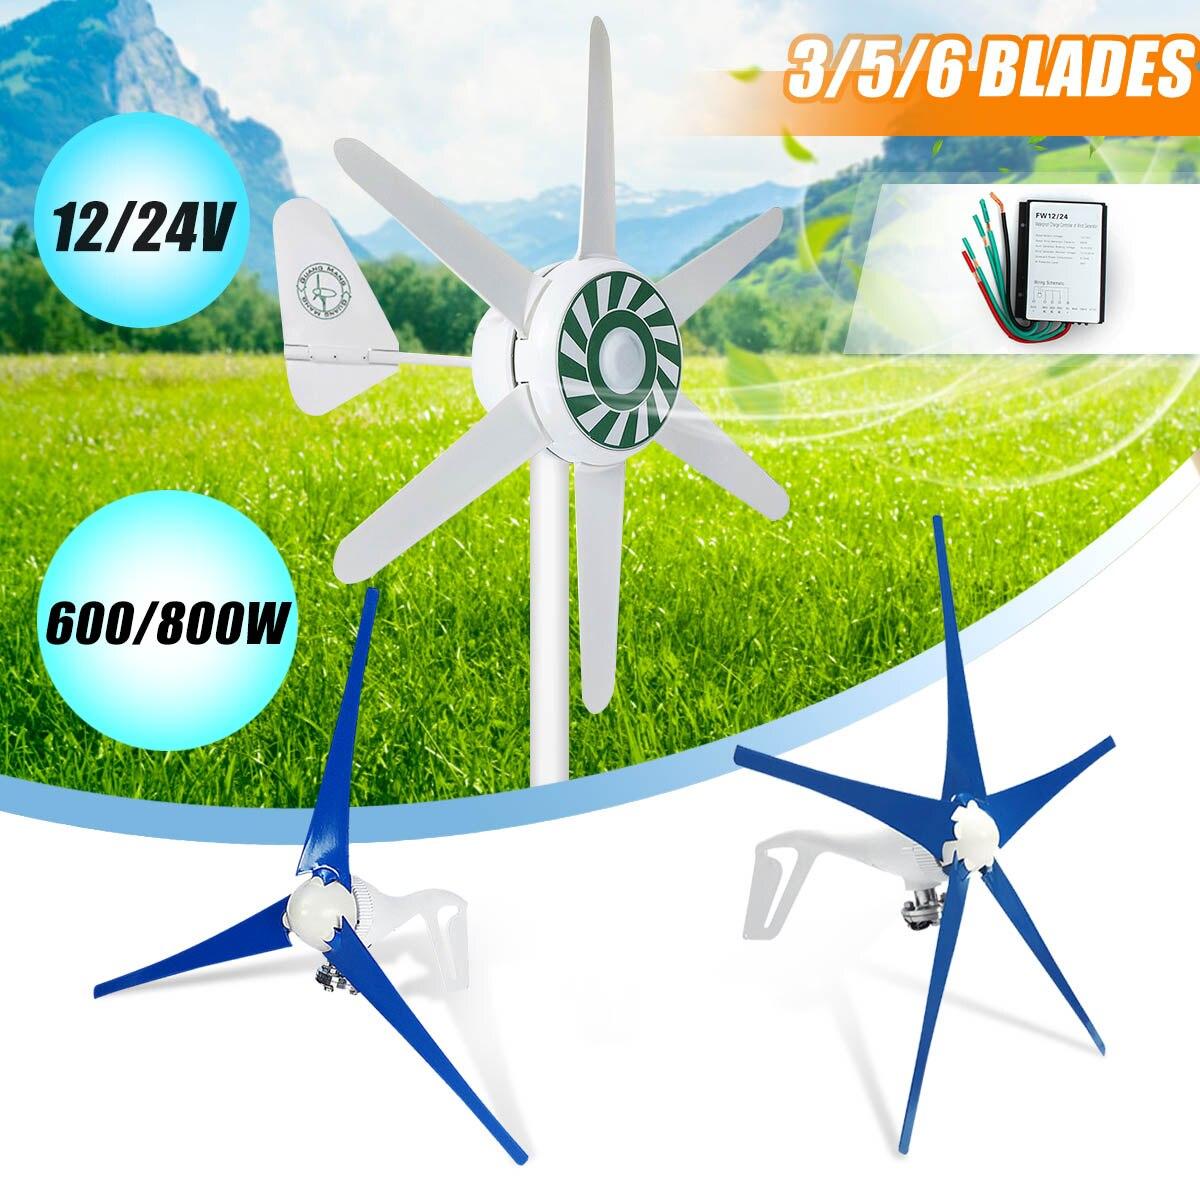 600/800 W 3/5/6 lame de Fiber de Nylon Horizontal à la maison vent pour Turbine éolienne puissance moulin à vent énergie pour Turbine Charge 12/24 V